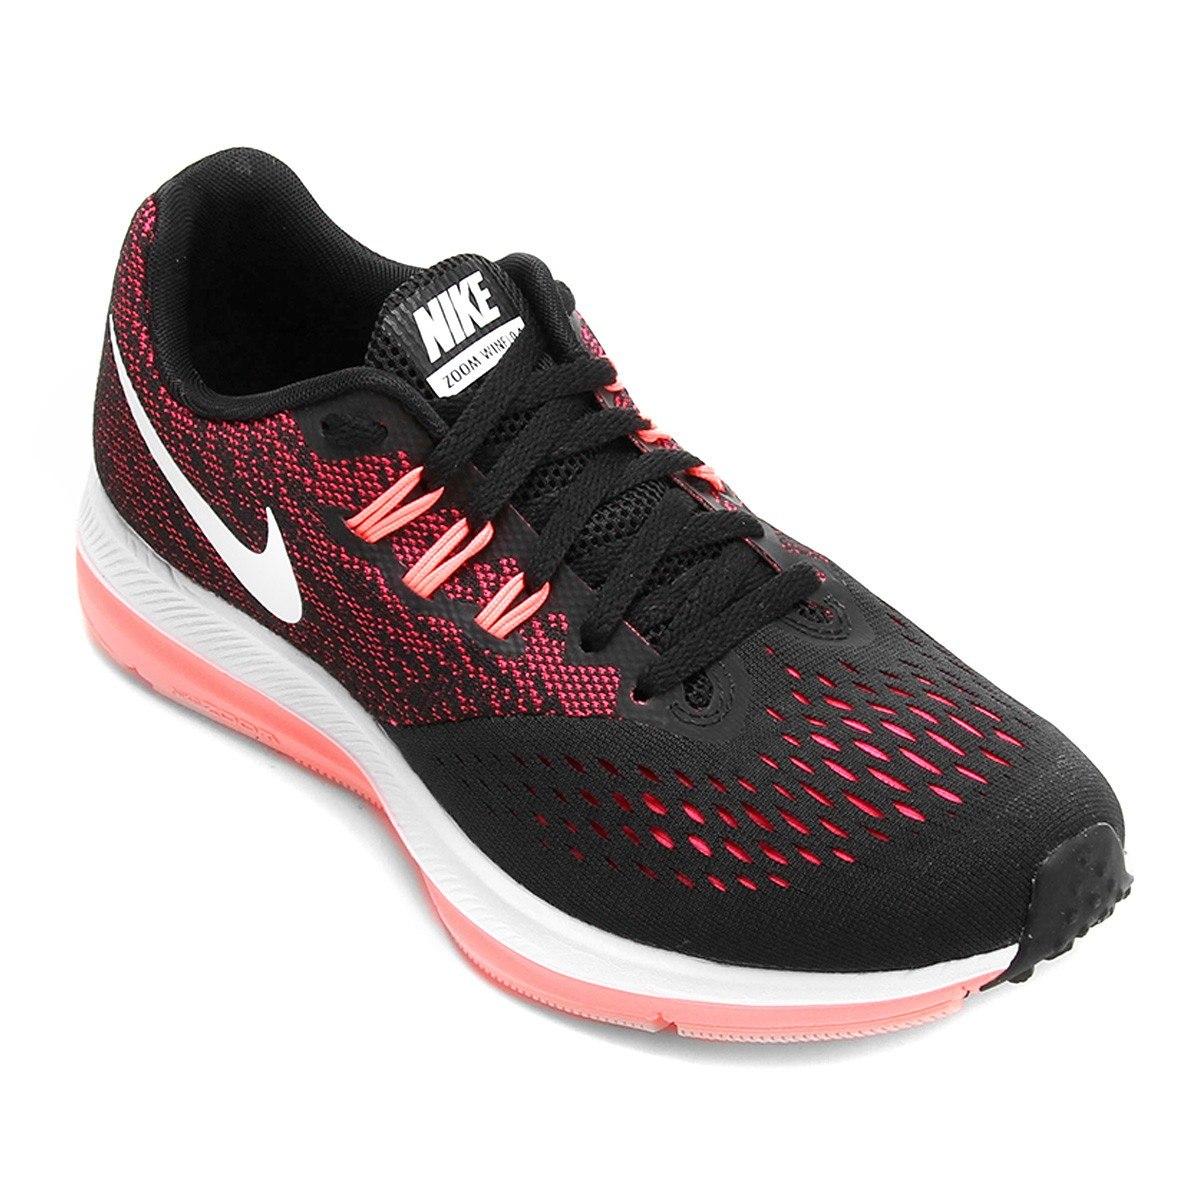 Tênis Nike Feminino Zoom Winflo 4 Original 898485 006